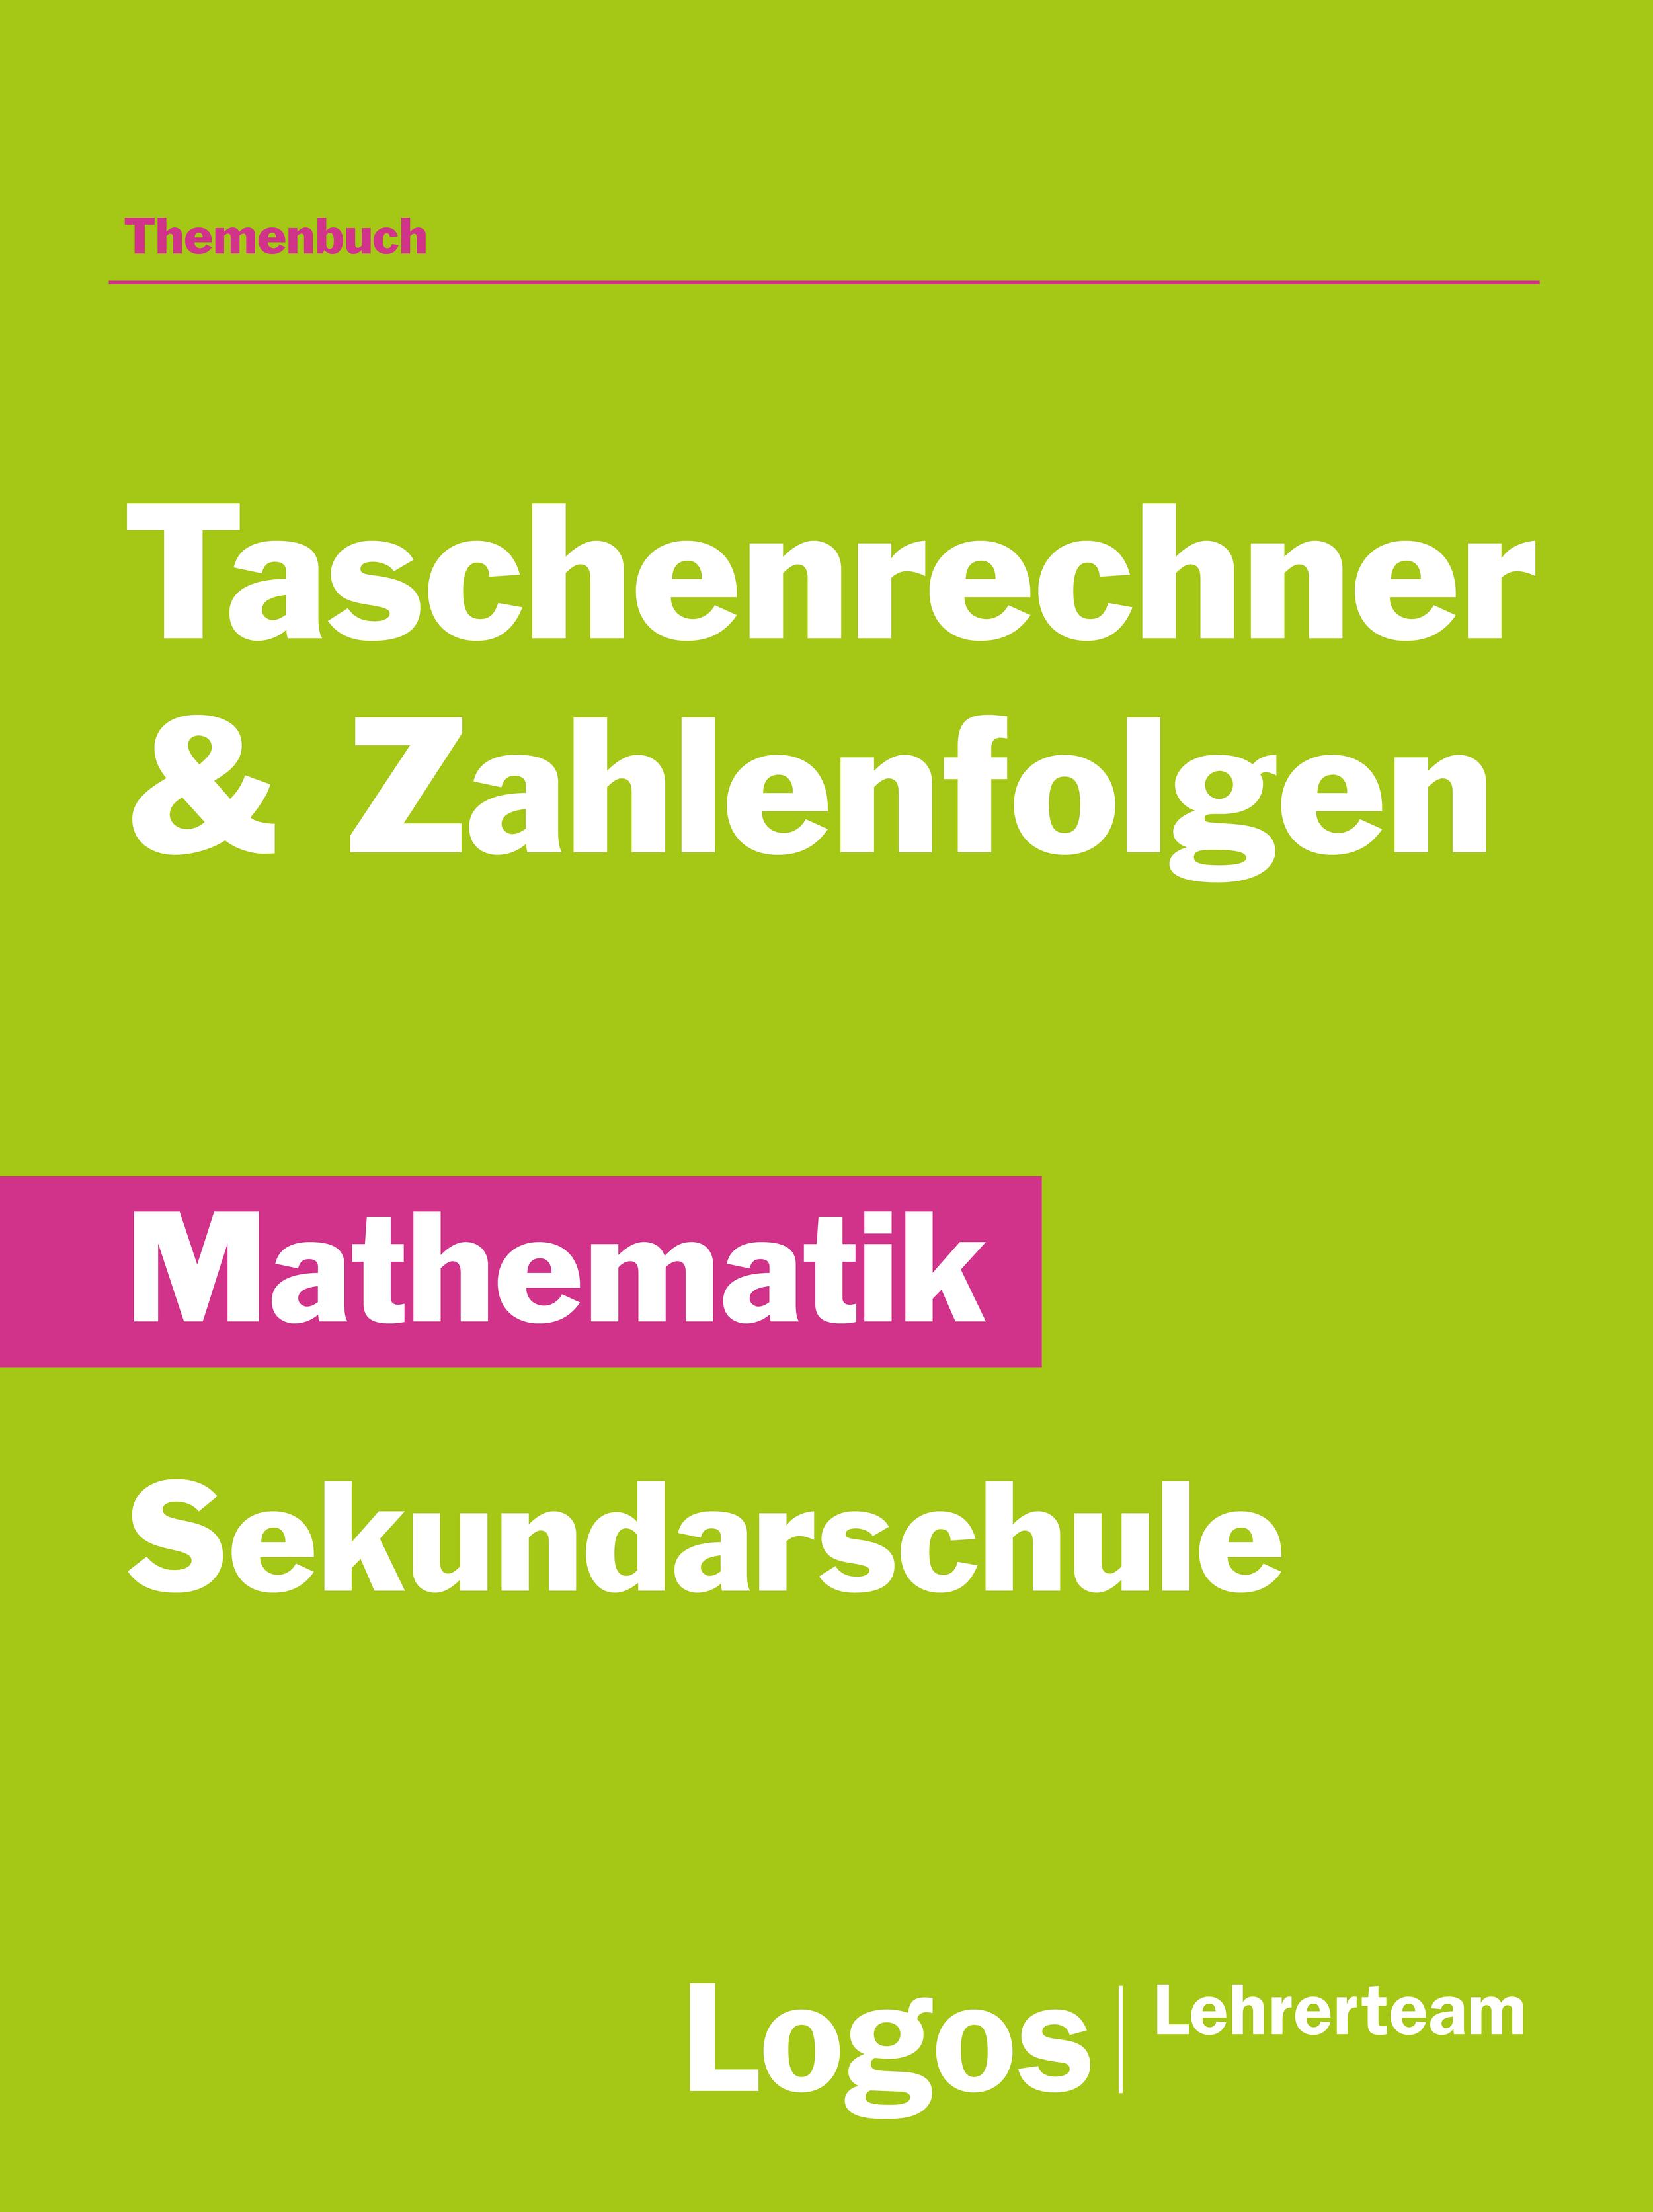 Mathematik Taschenrechner und Zahlenfolgen - Sekundar